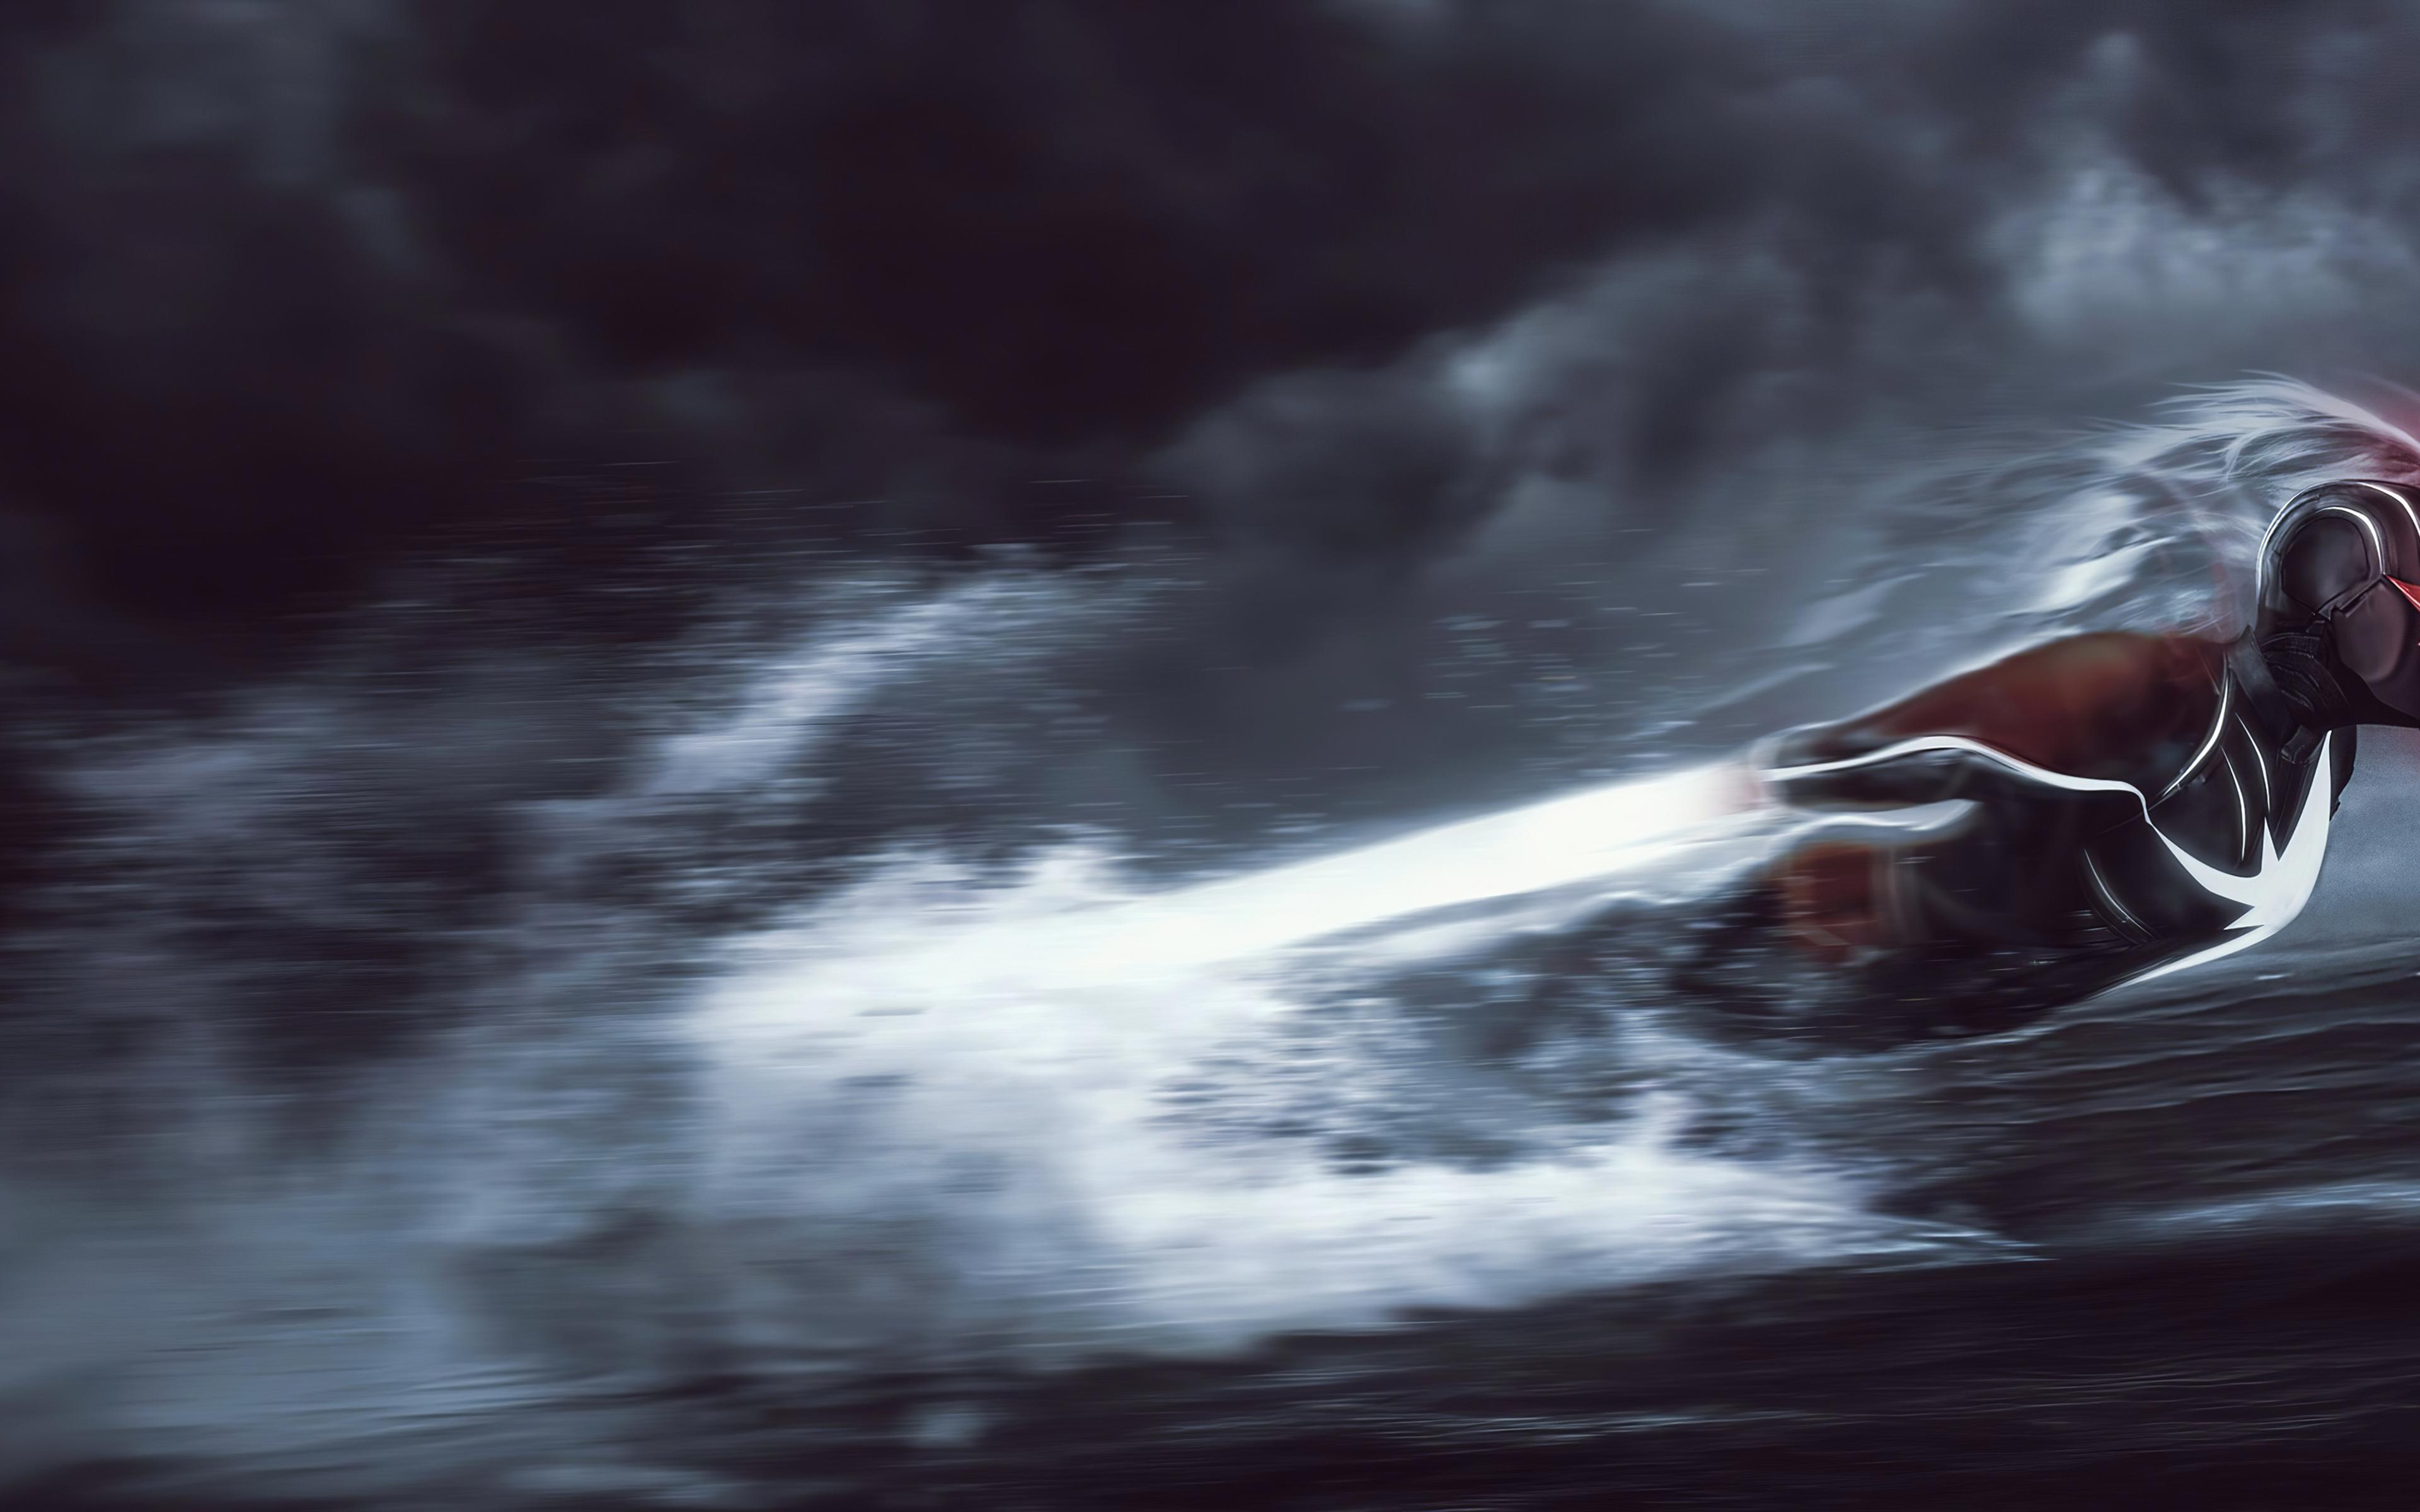 captain-marvel-boom-speed-4k-dt.jpg